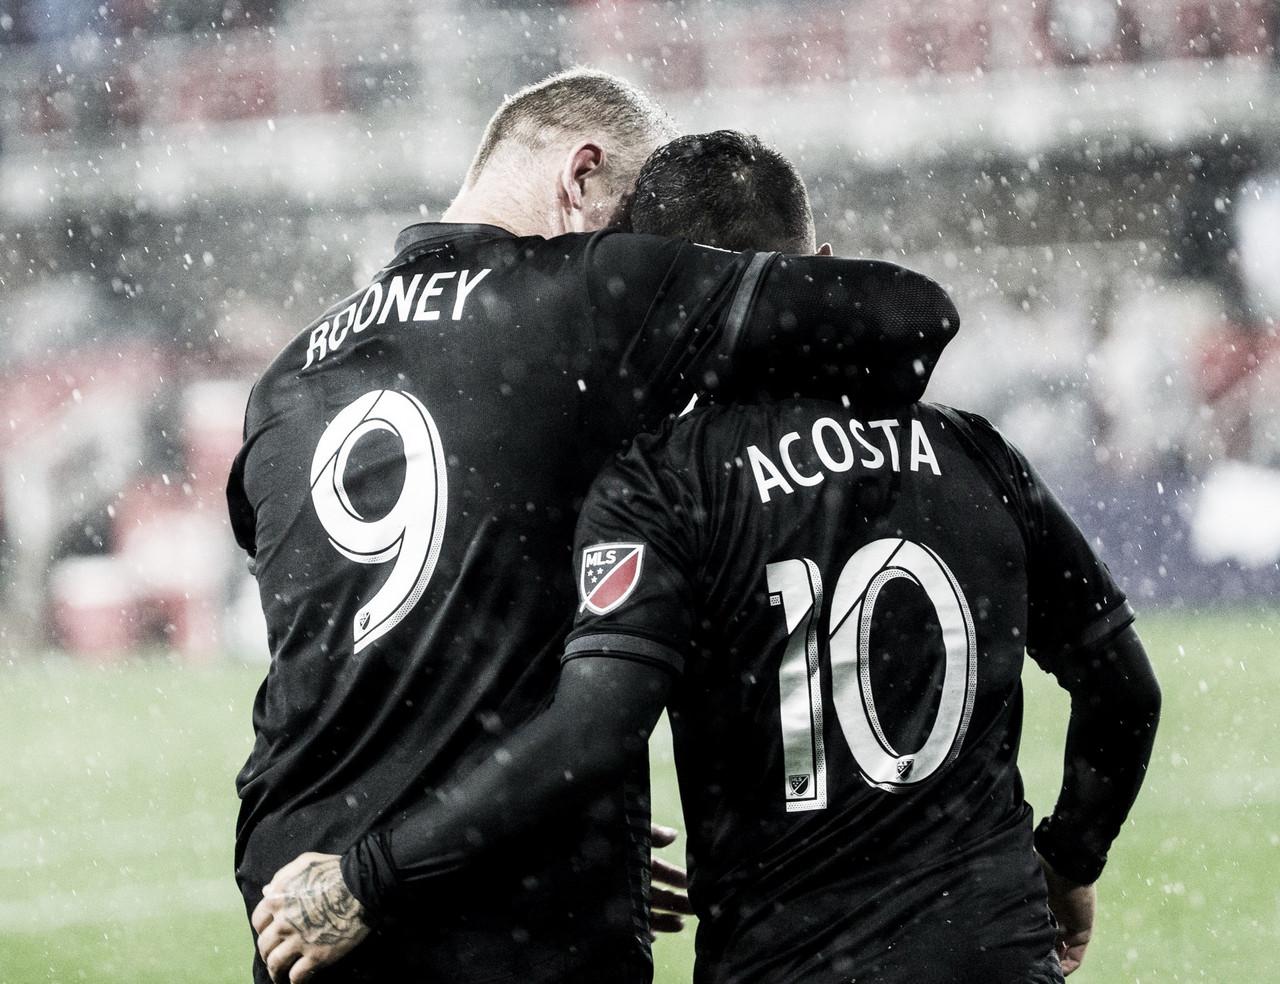 Lluvia de juego y goles en Washington